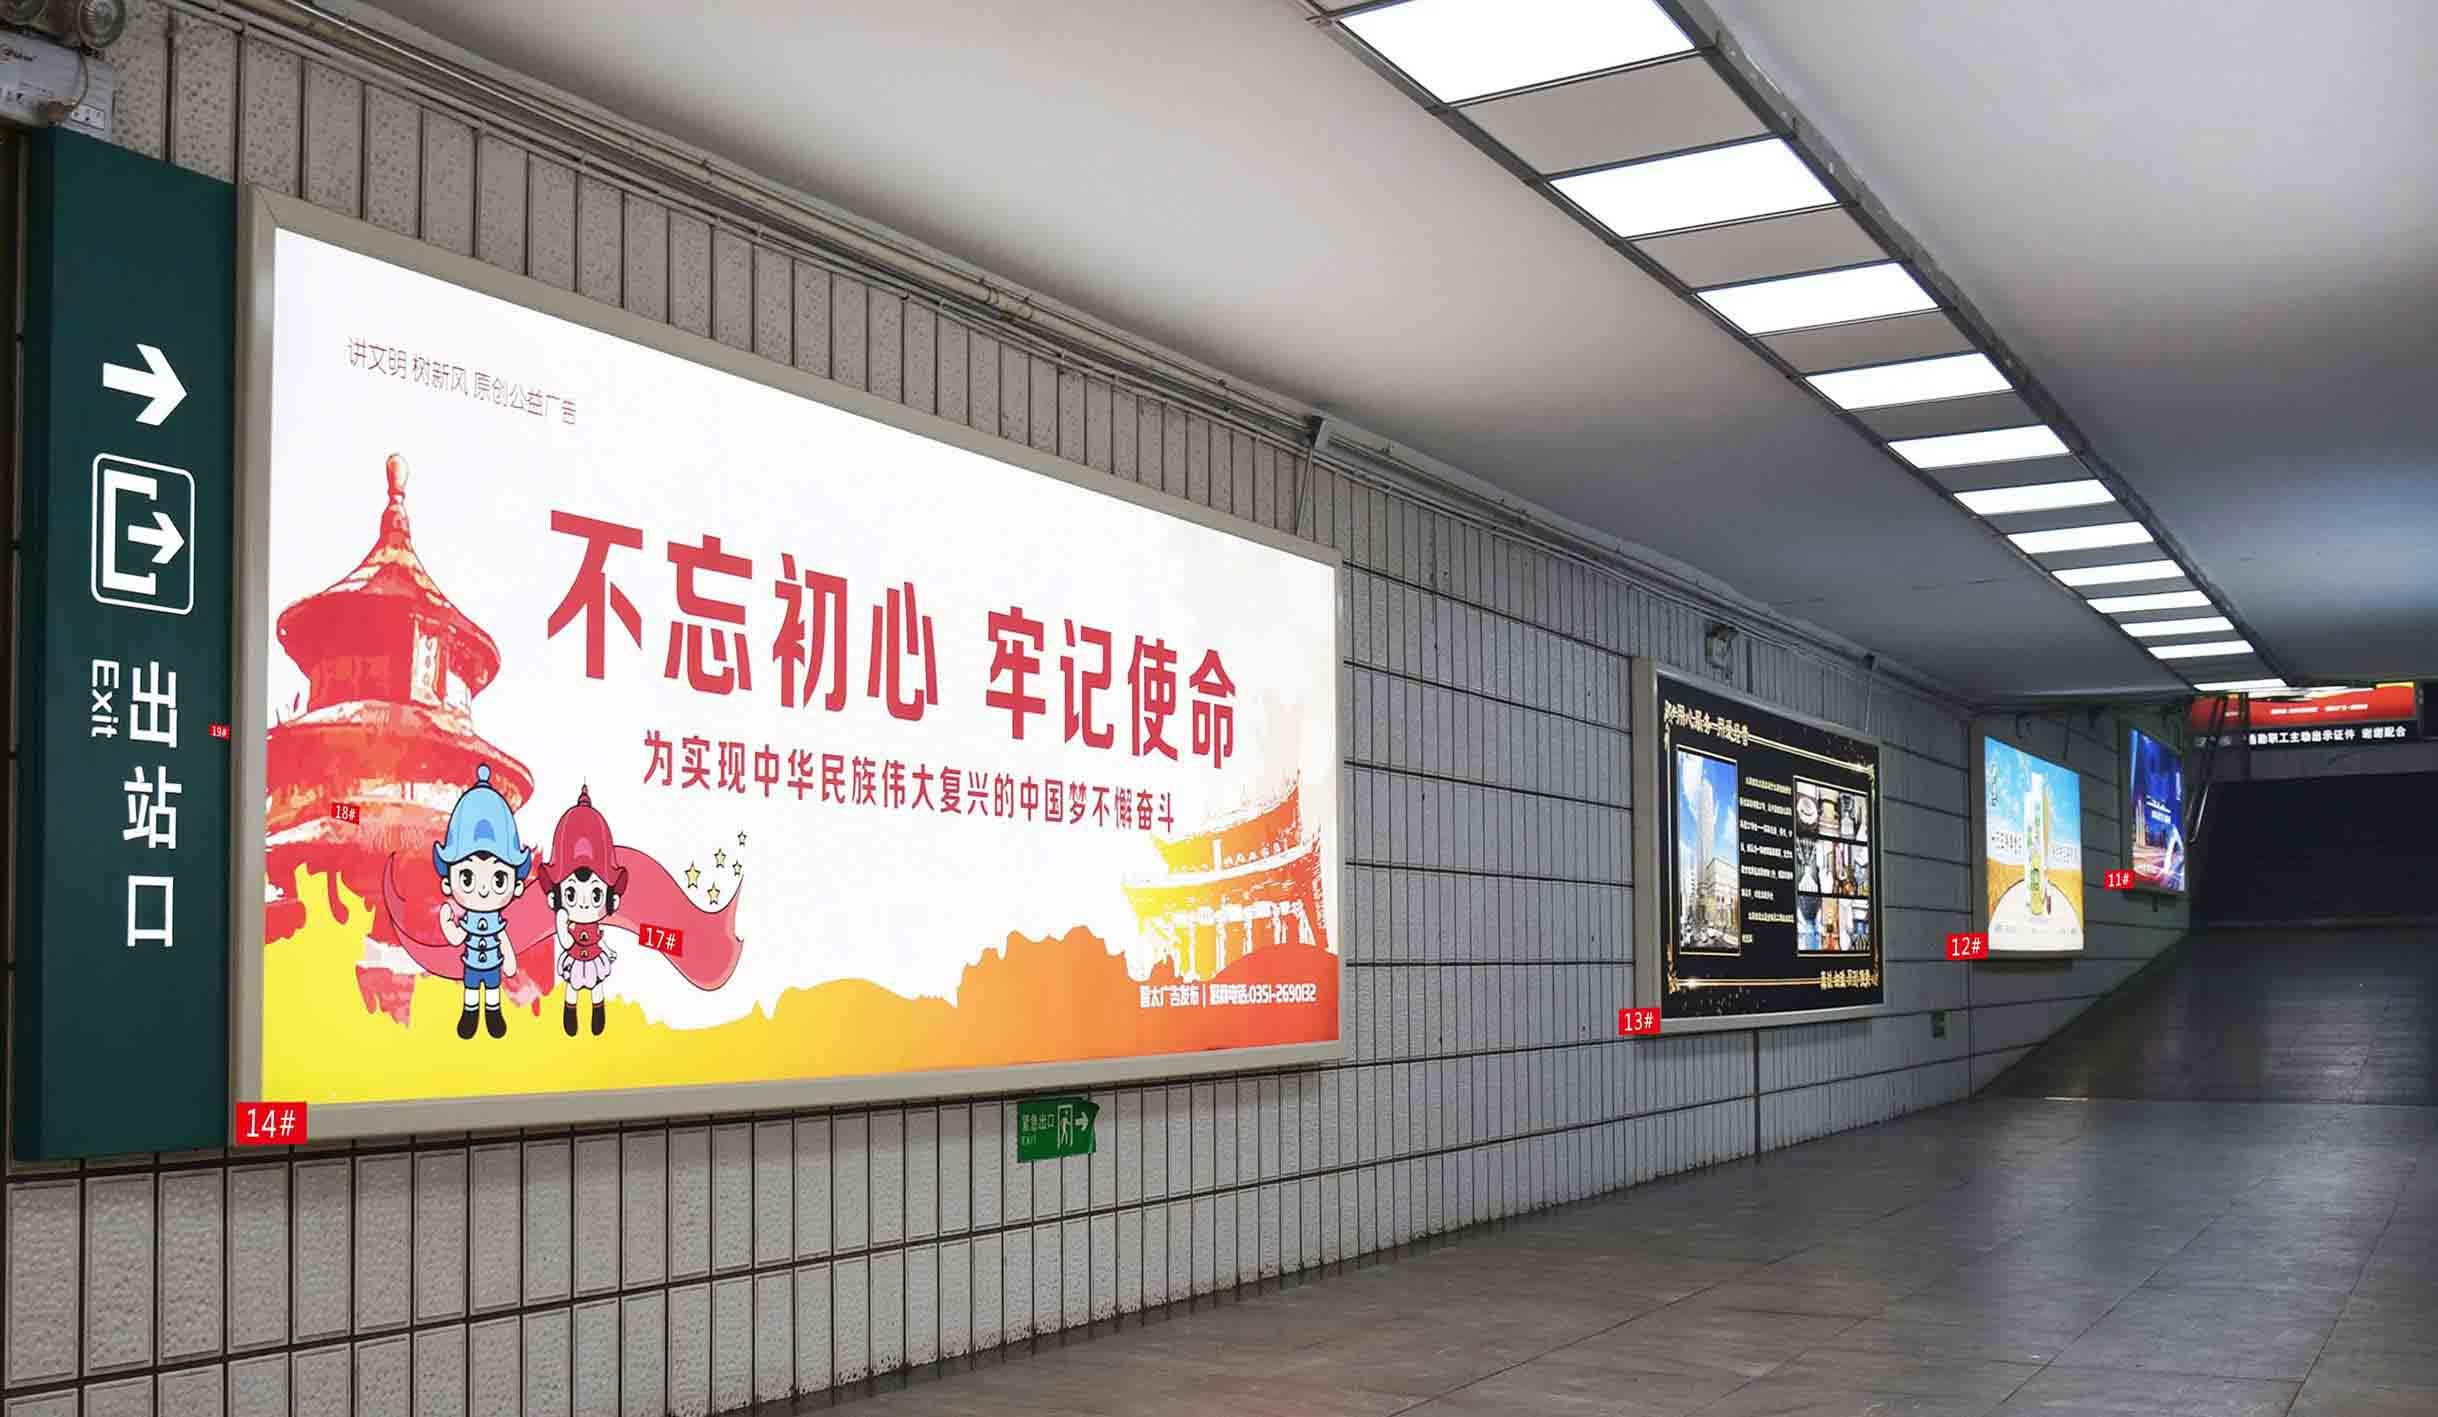 临汾火车站进出站地下通道灯箱广告16#17#18#19#